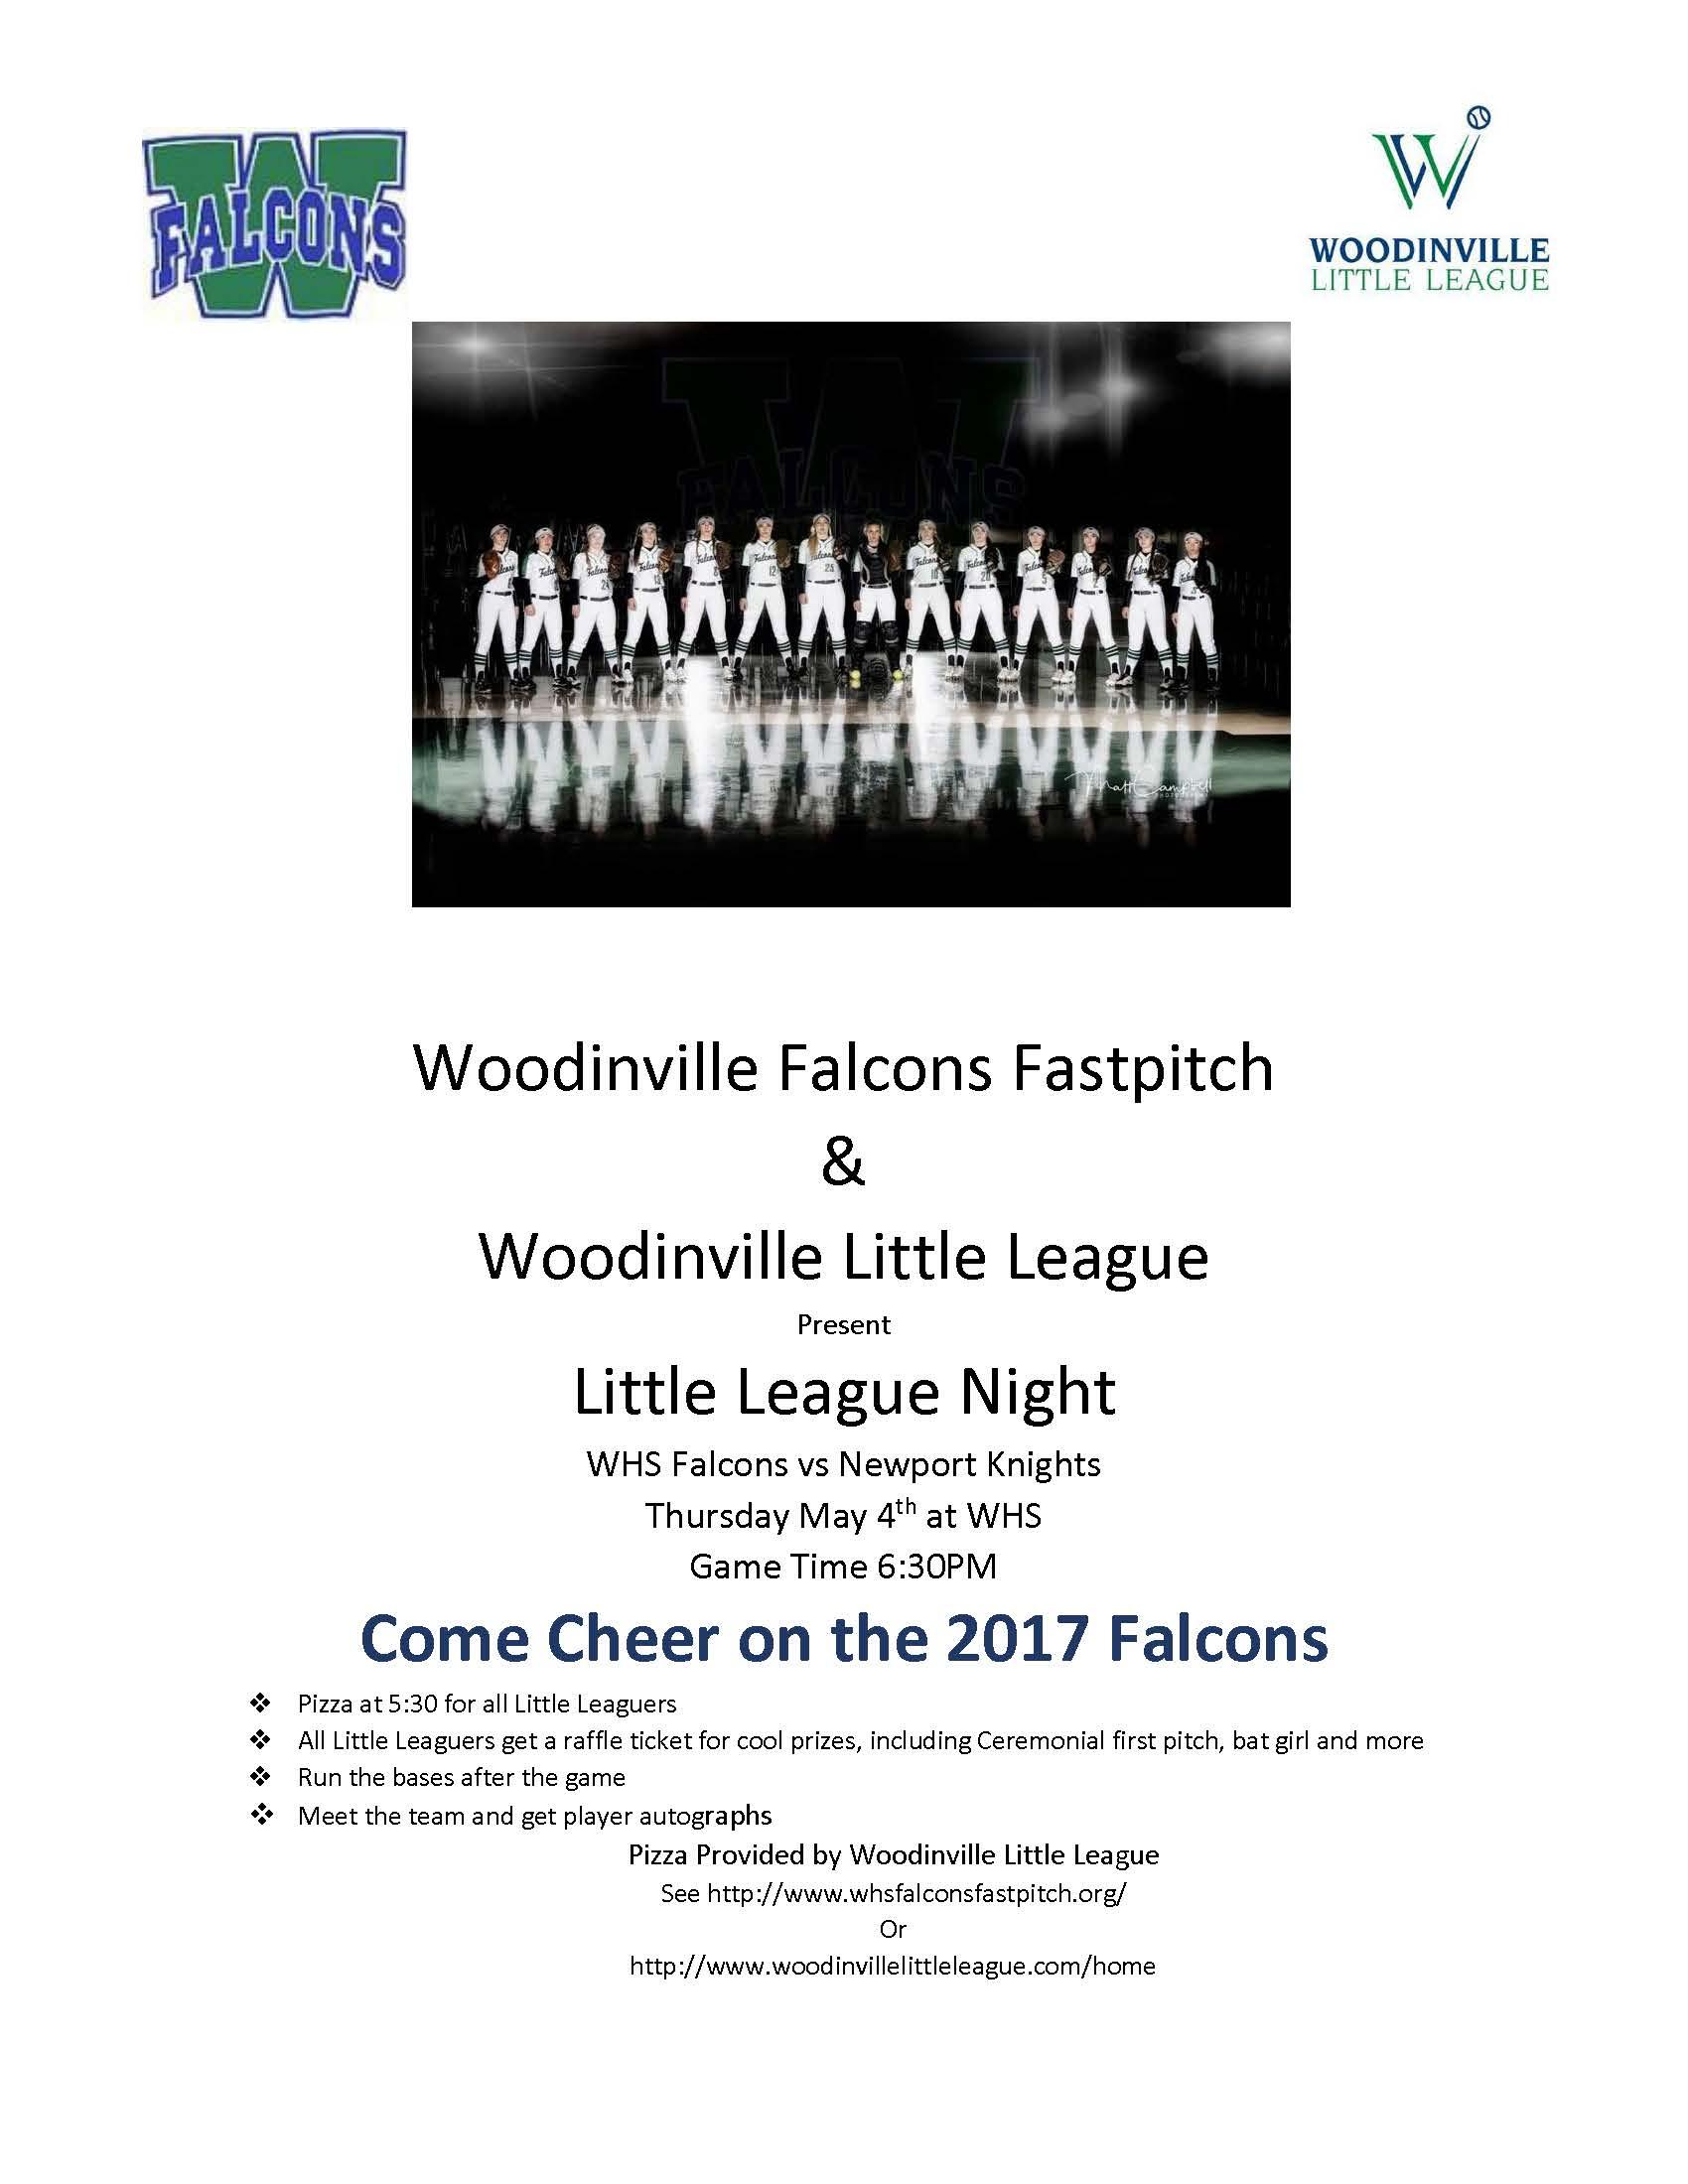 Little League Night Flyer 2017